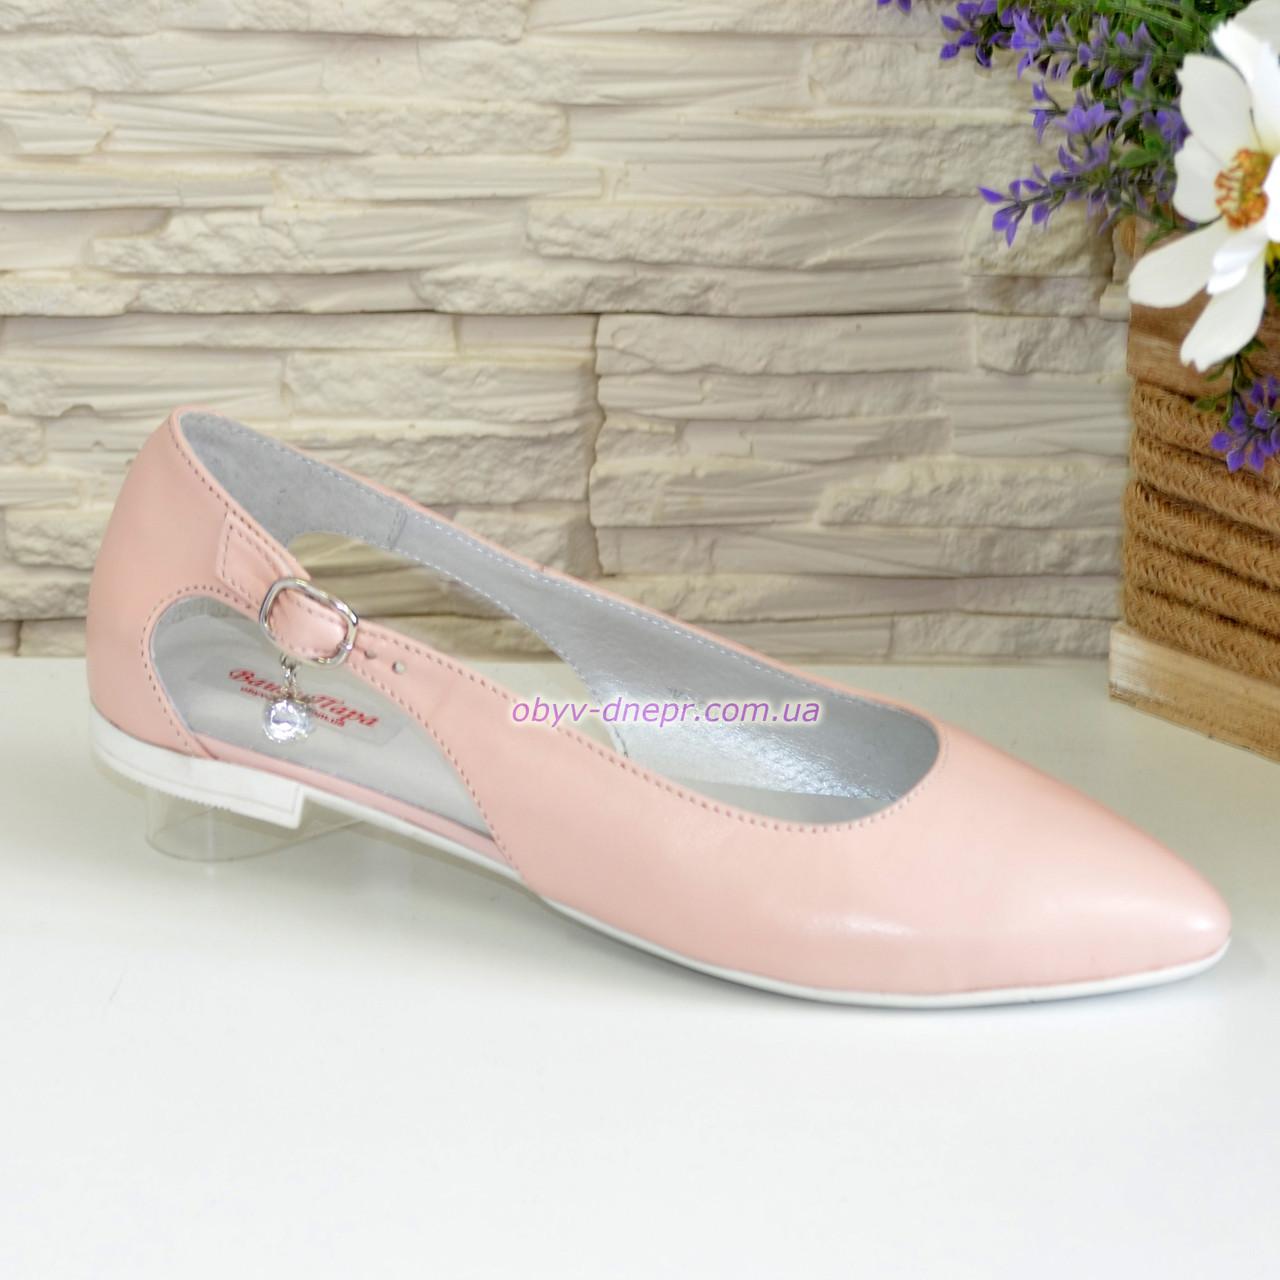 Женские кожаные туфли с острым носочком, цвет пудра